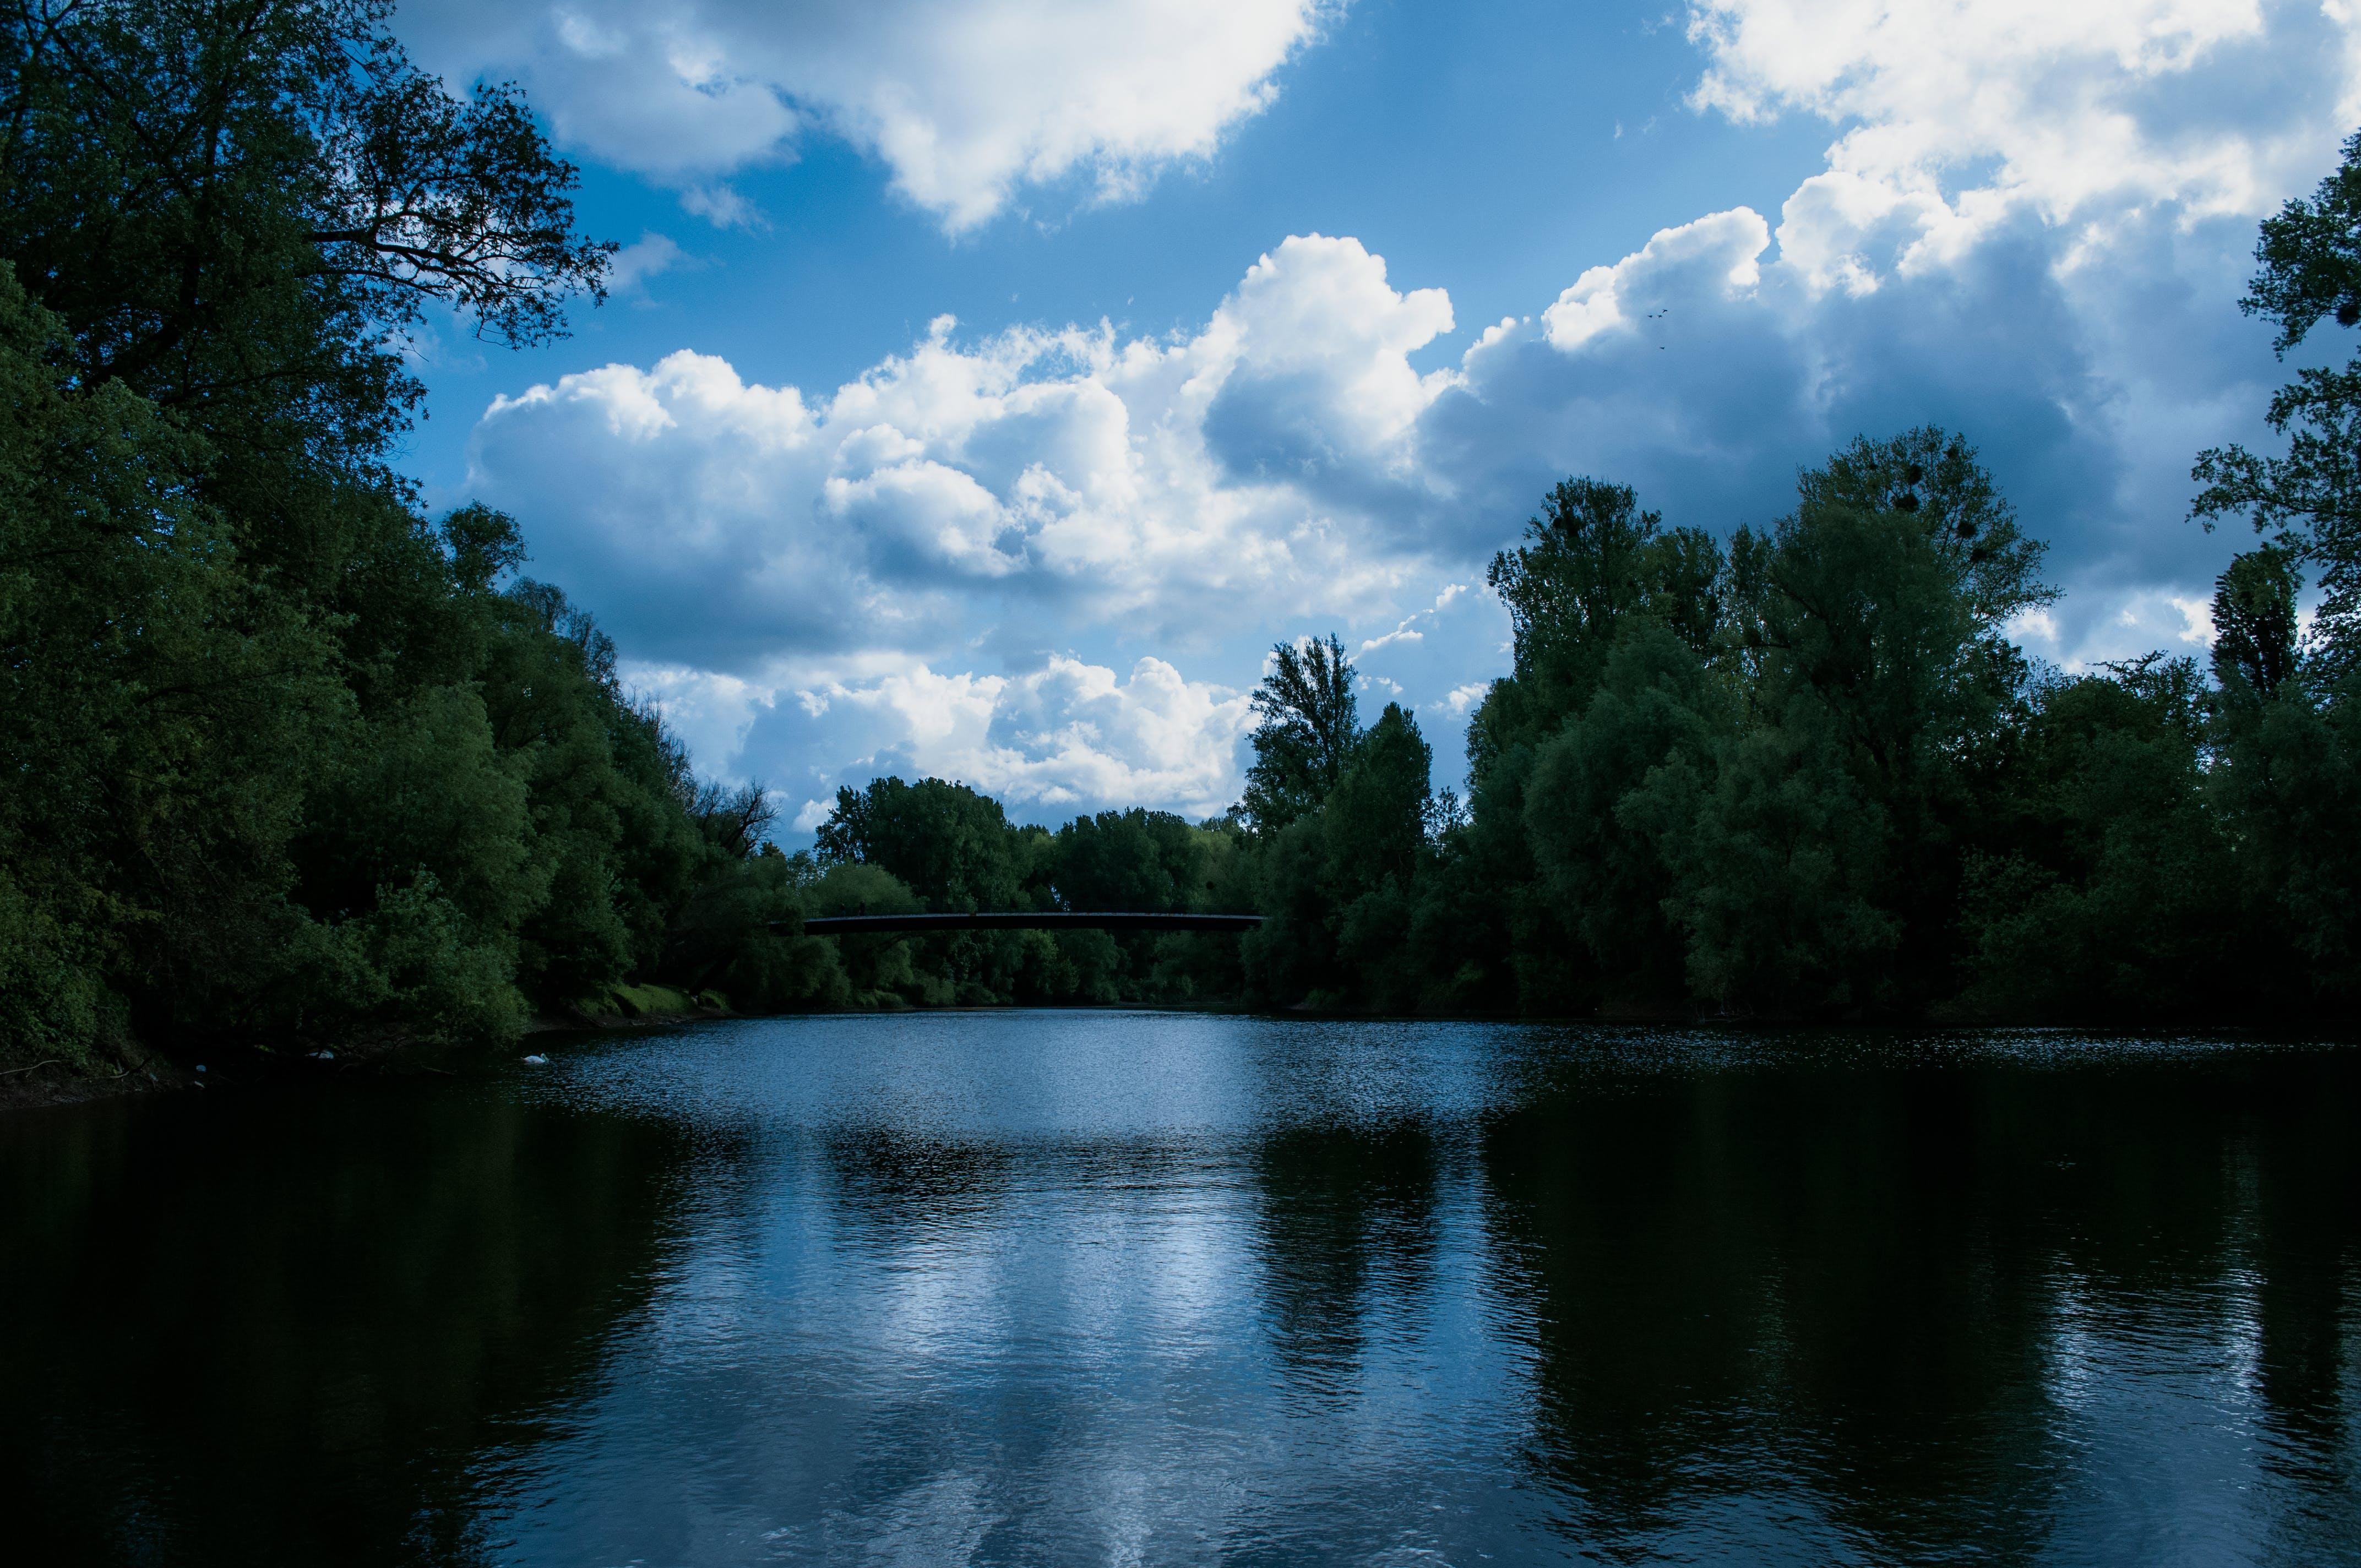 天空, 河, 綠色, 美丽的风景 的 免费素材照片